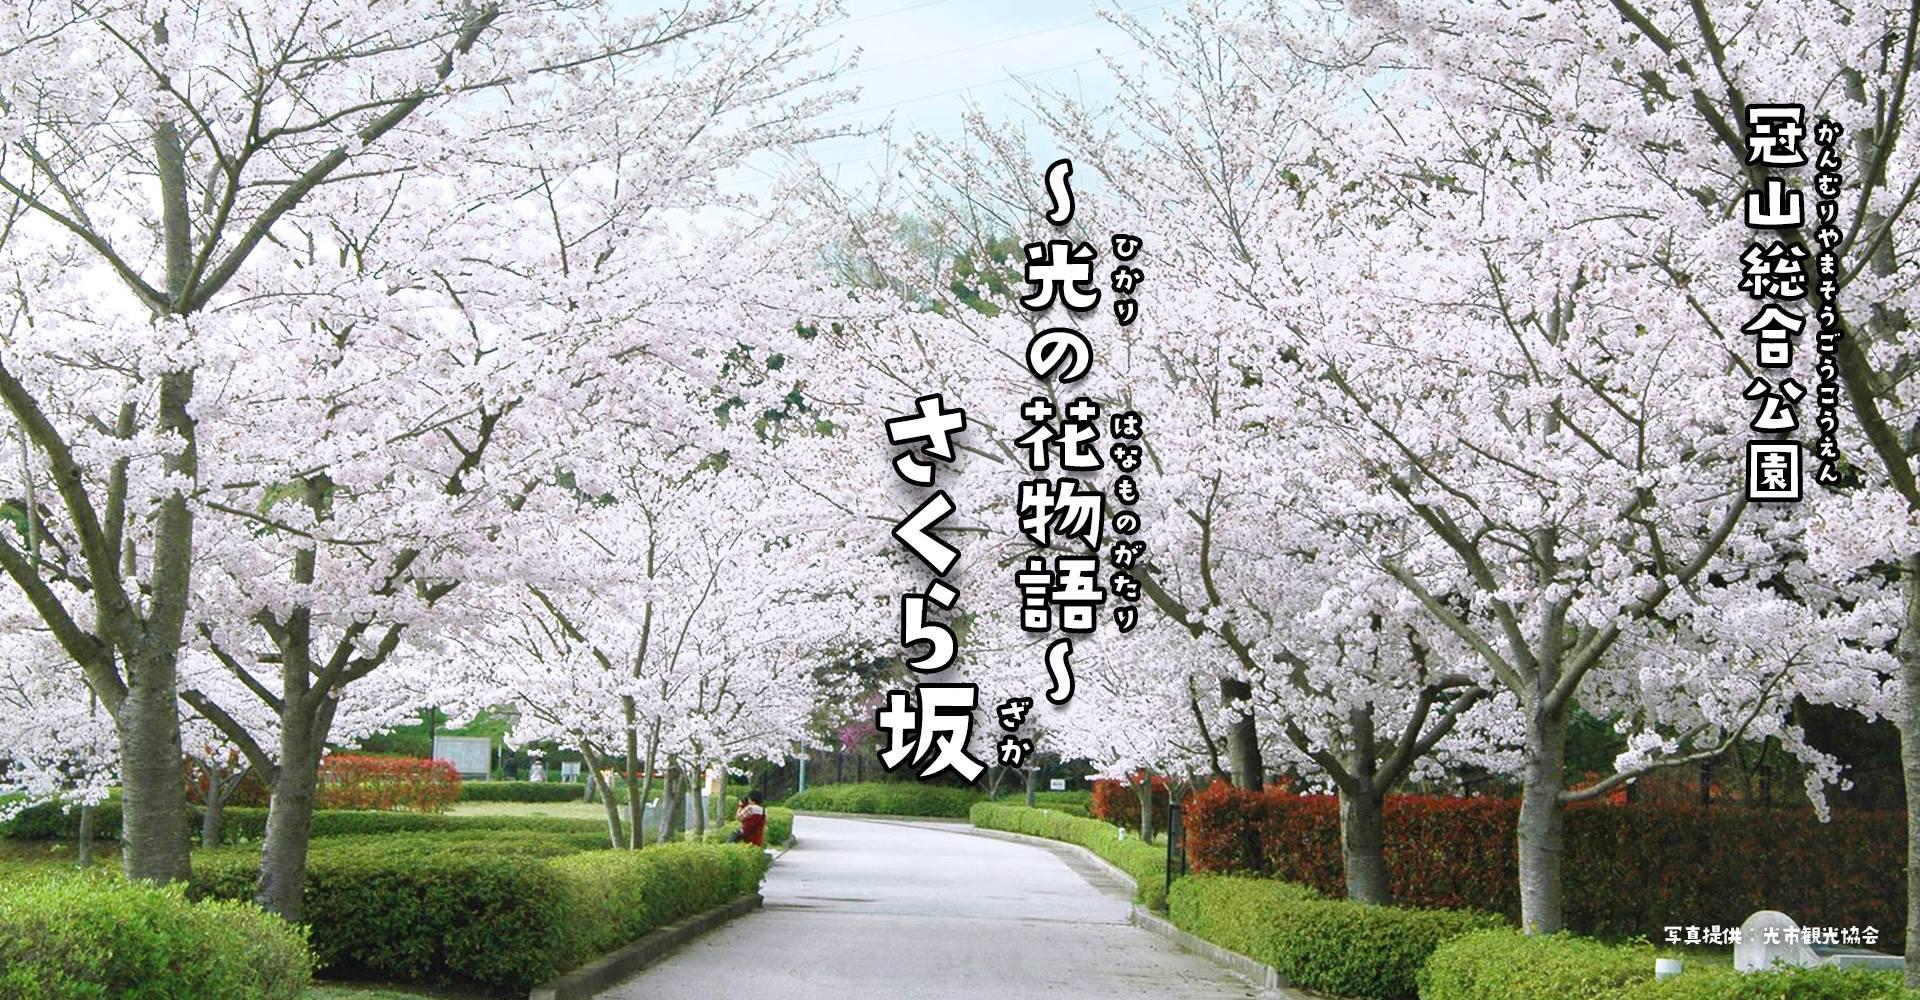 画像:~光の花物語~ さくら坂 in 2021